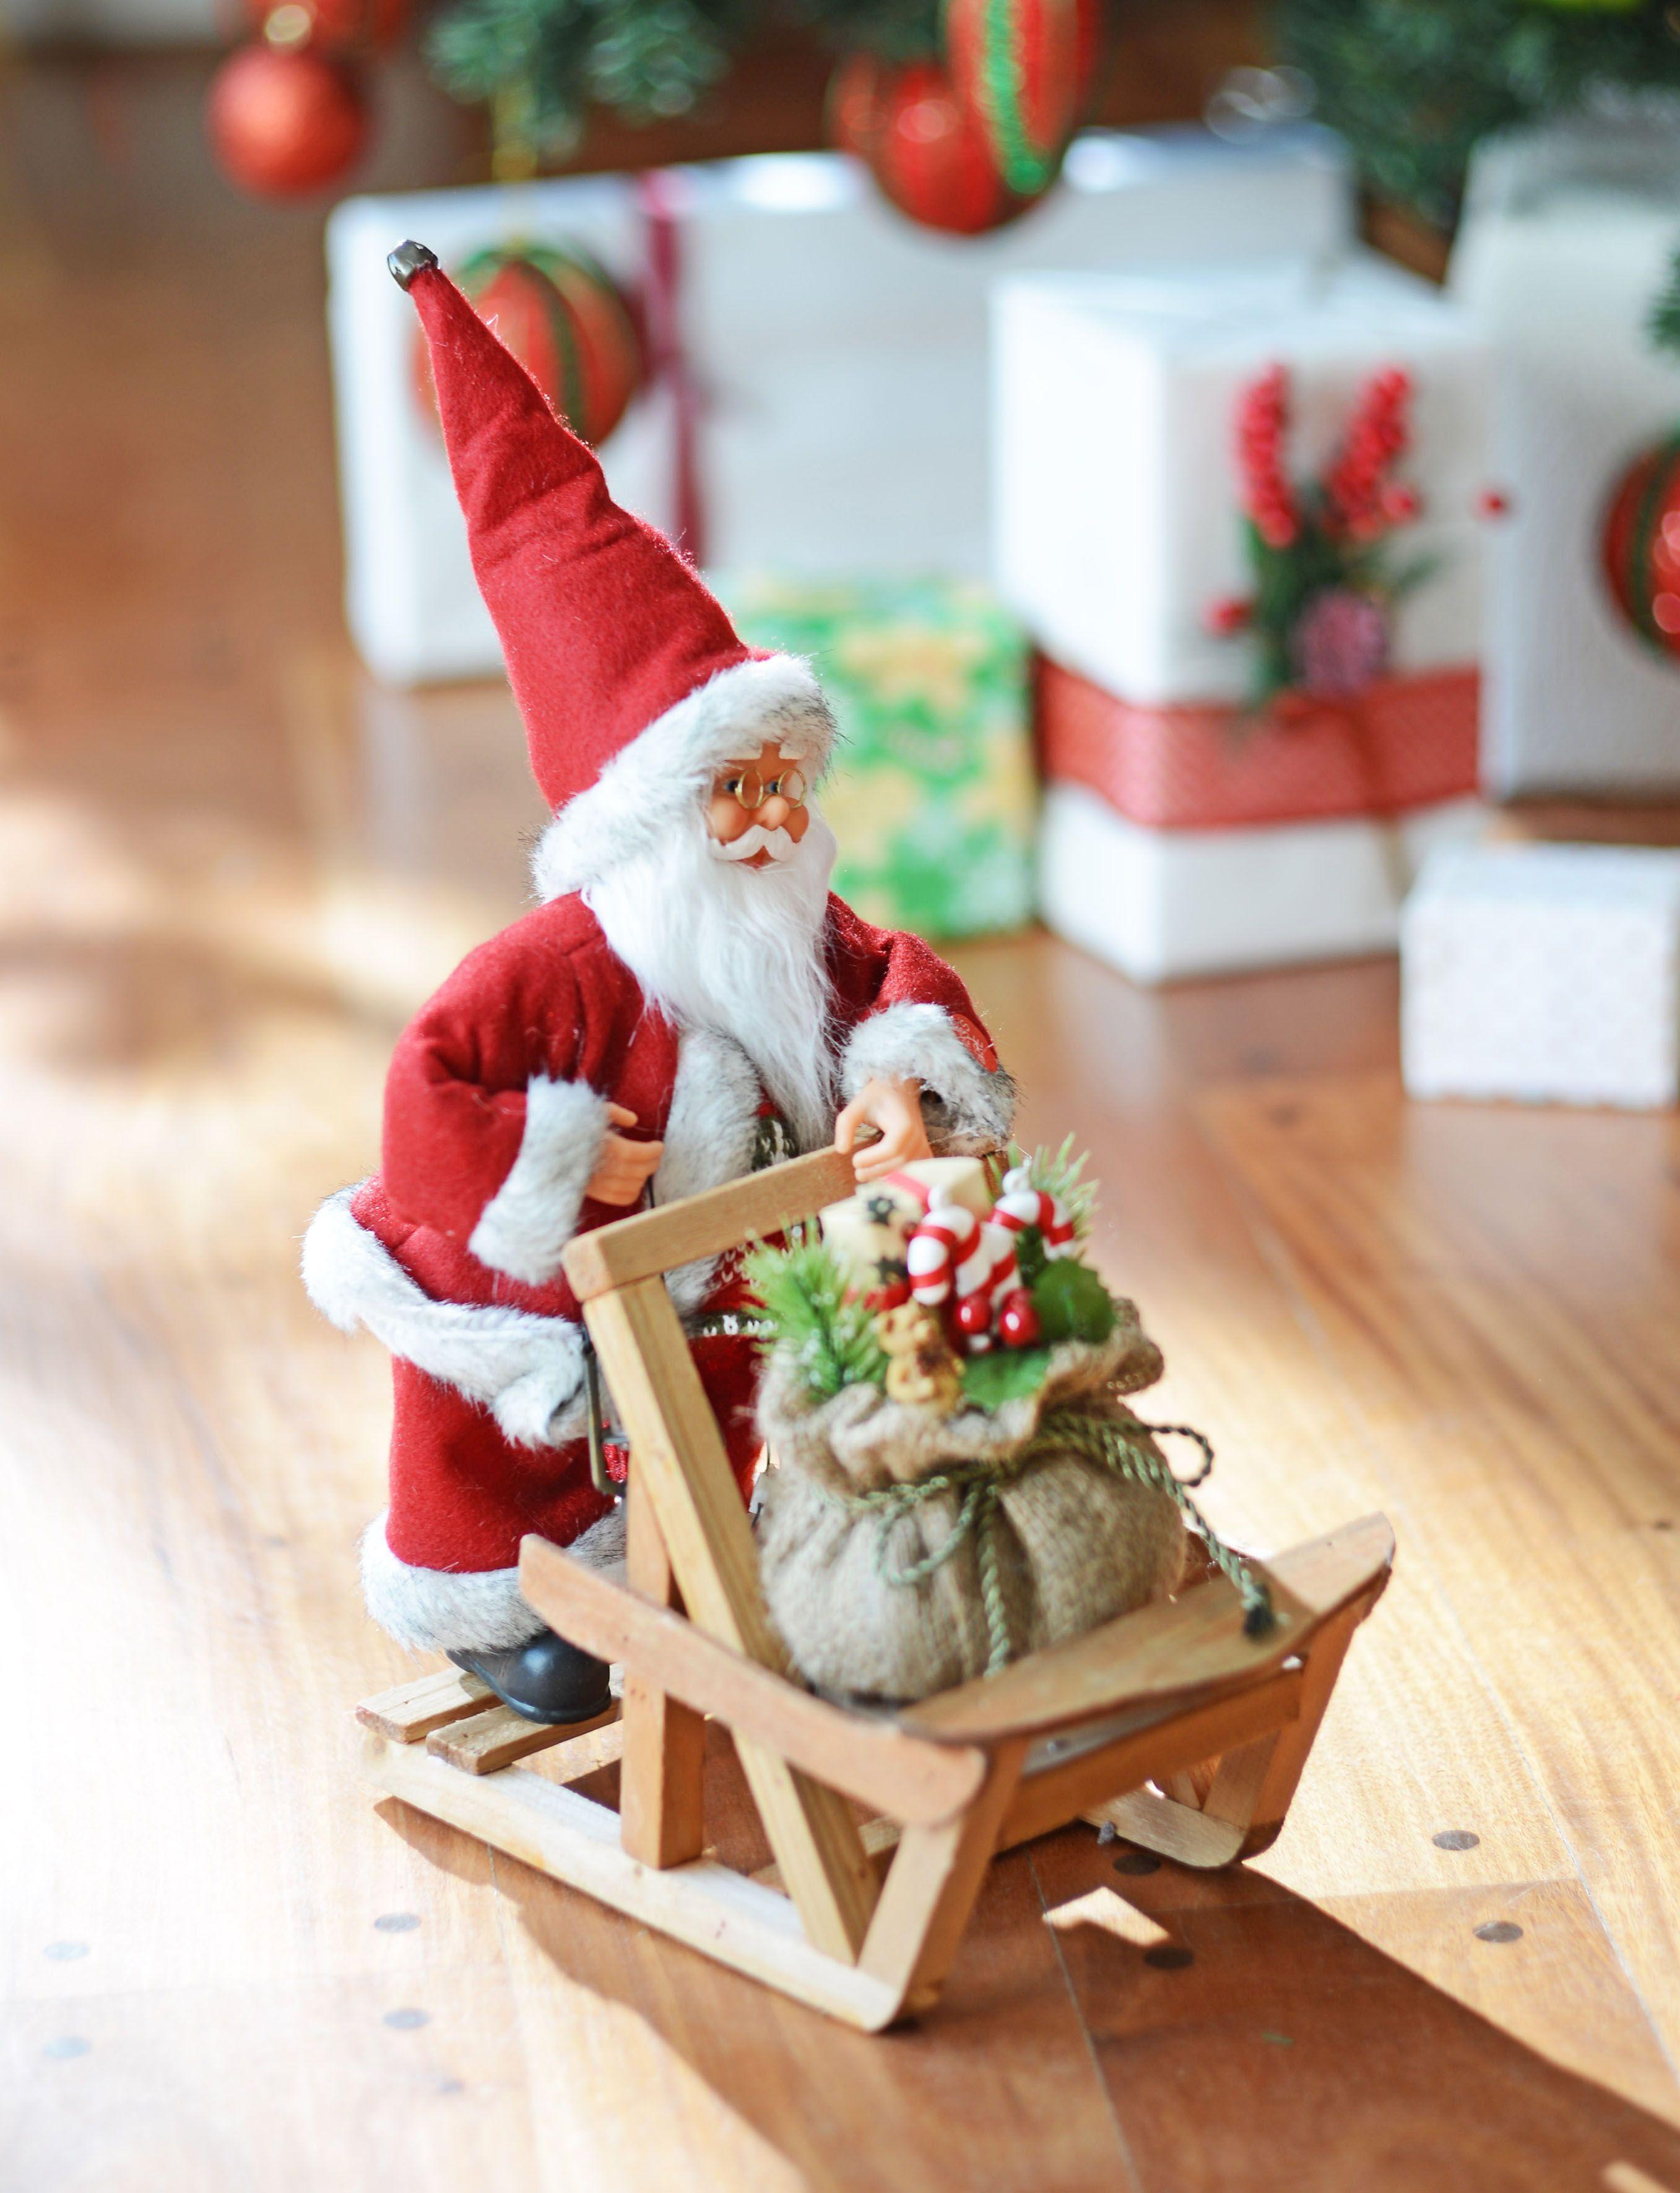 deco navidad navideño arbol arbolito decoracion